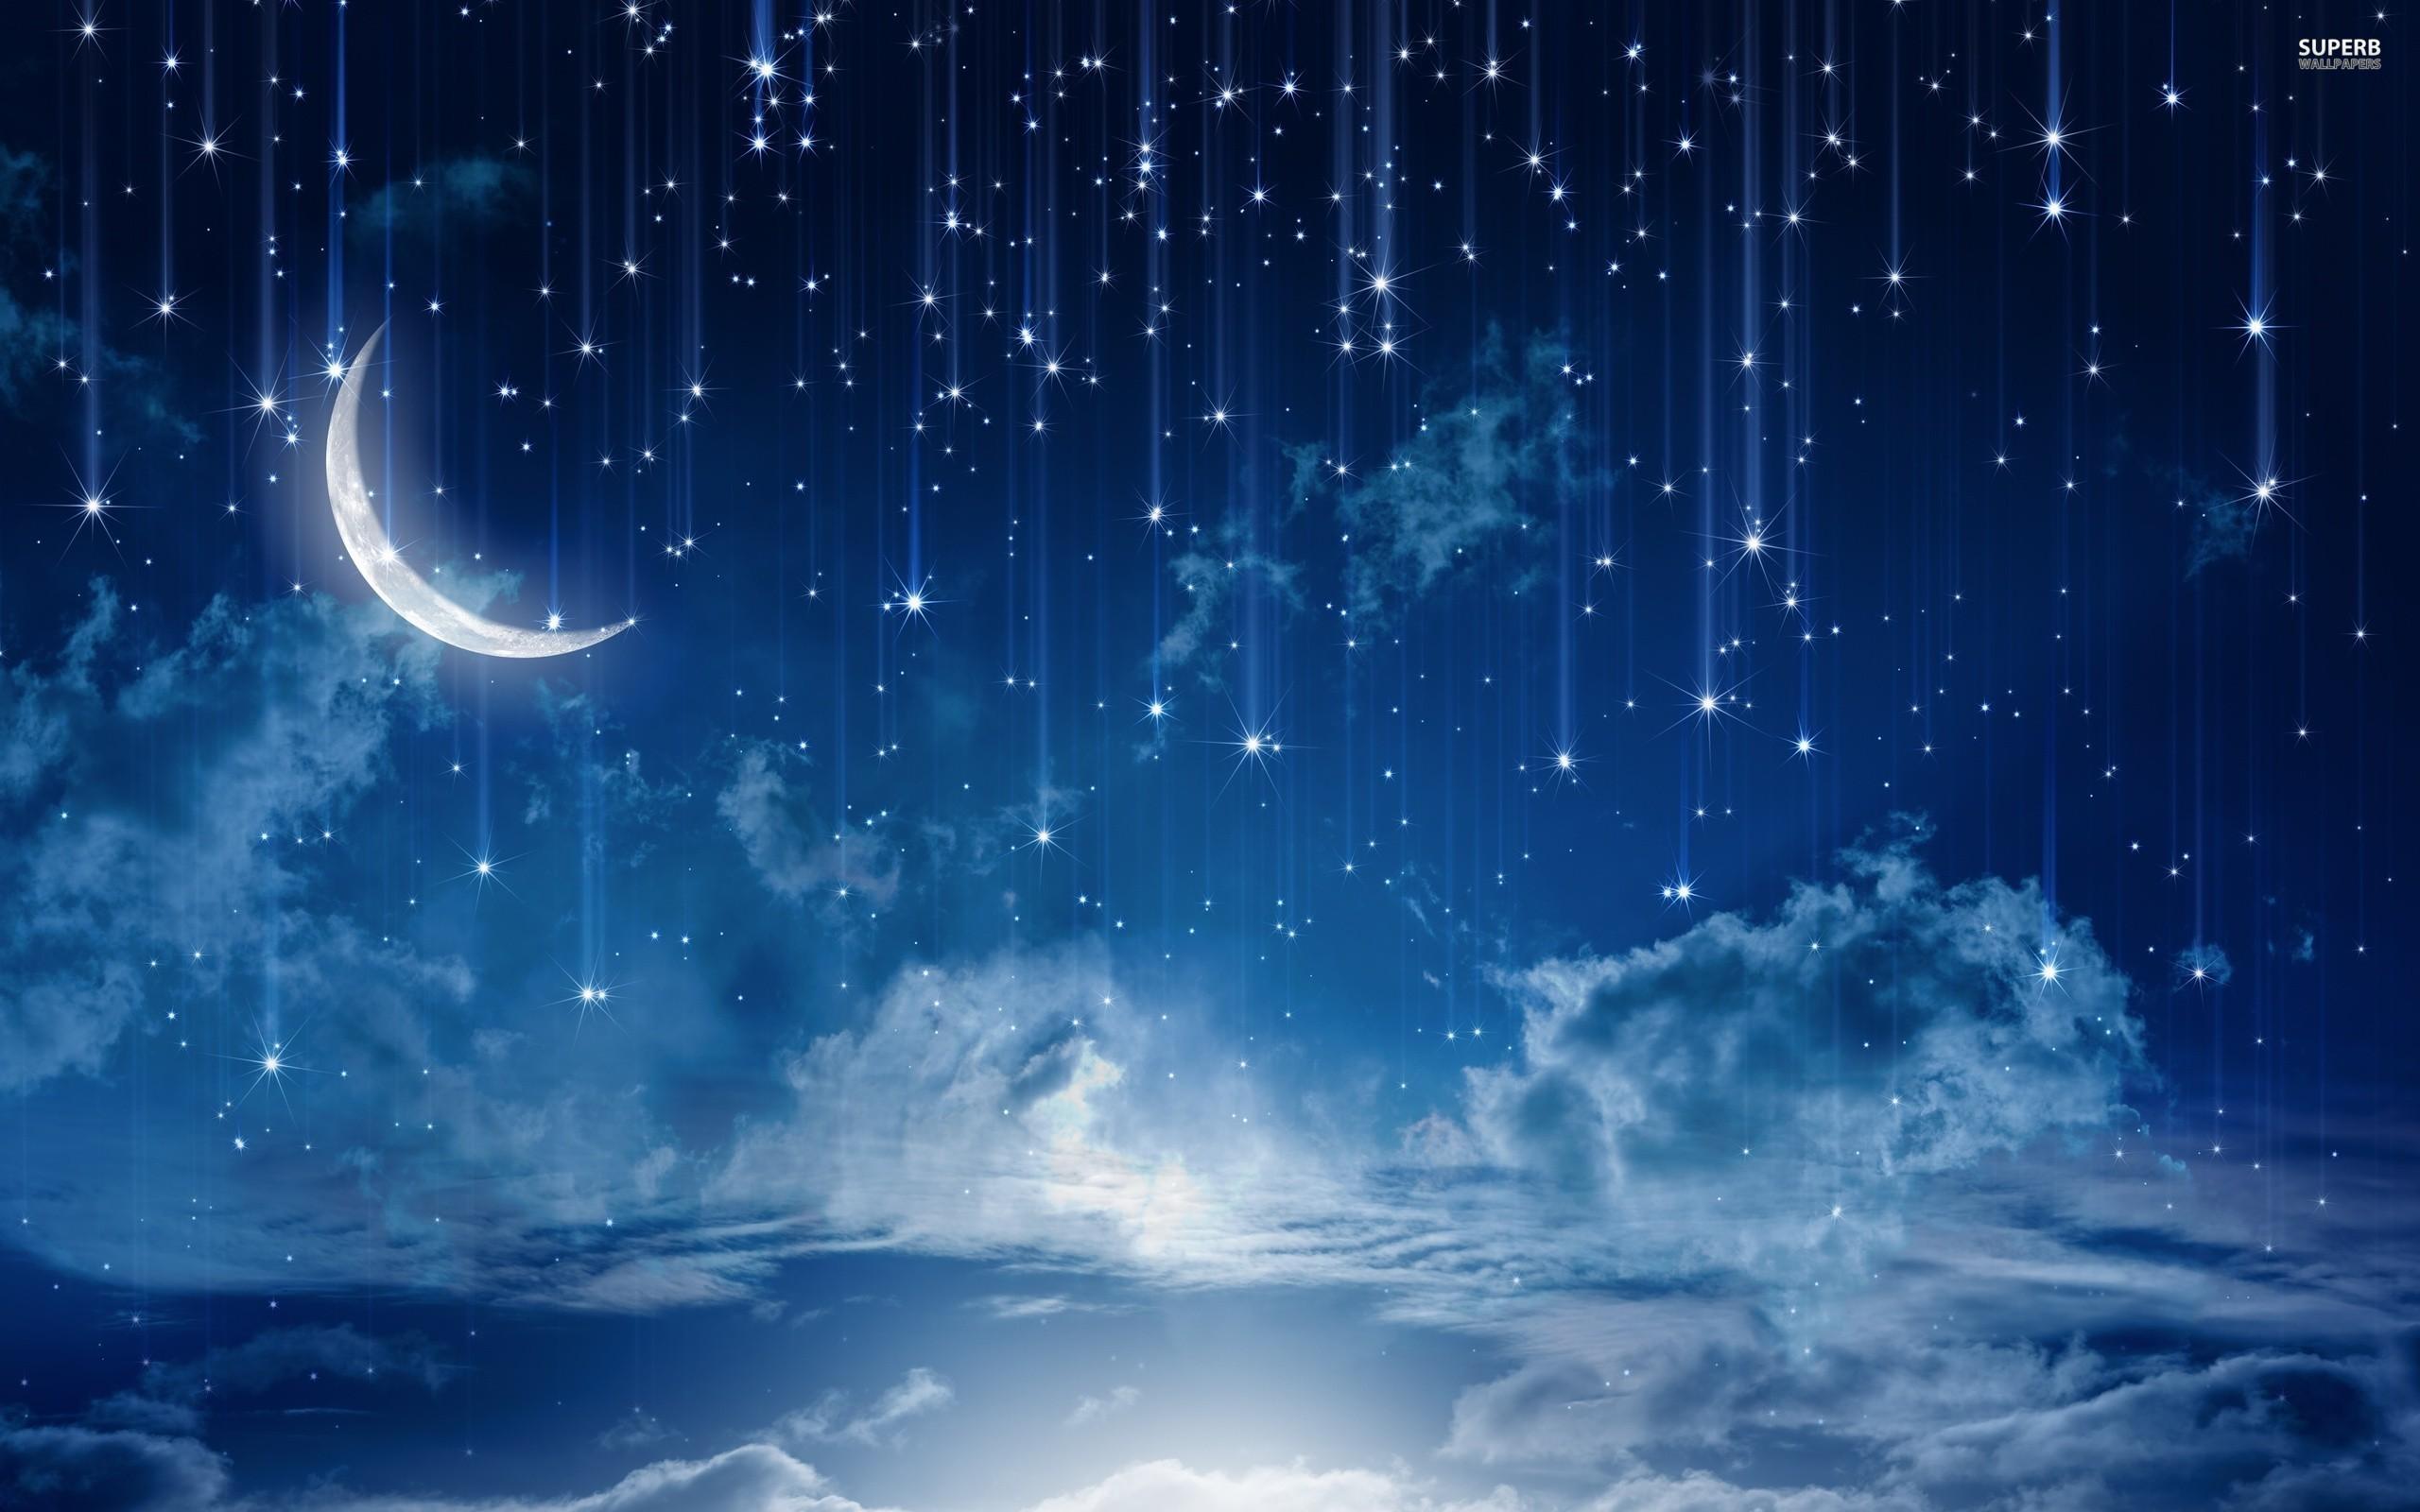 Night Sky wallpaper 2560x1600 42417 2560x1600